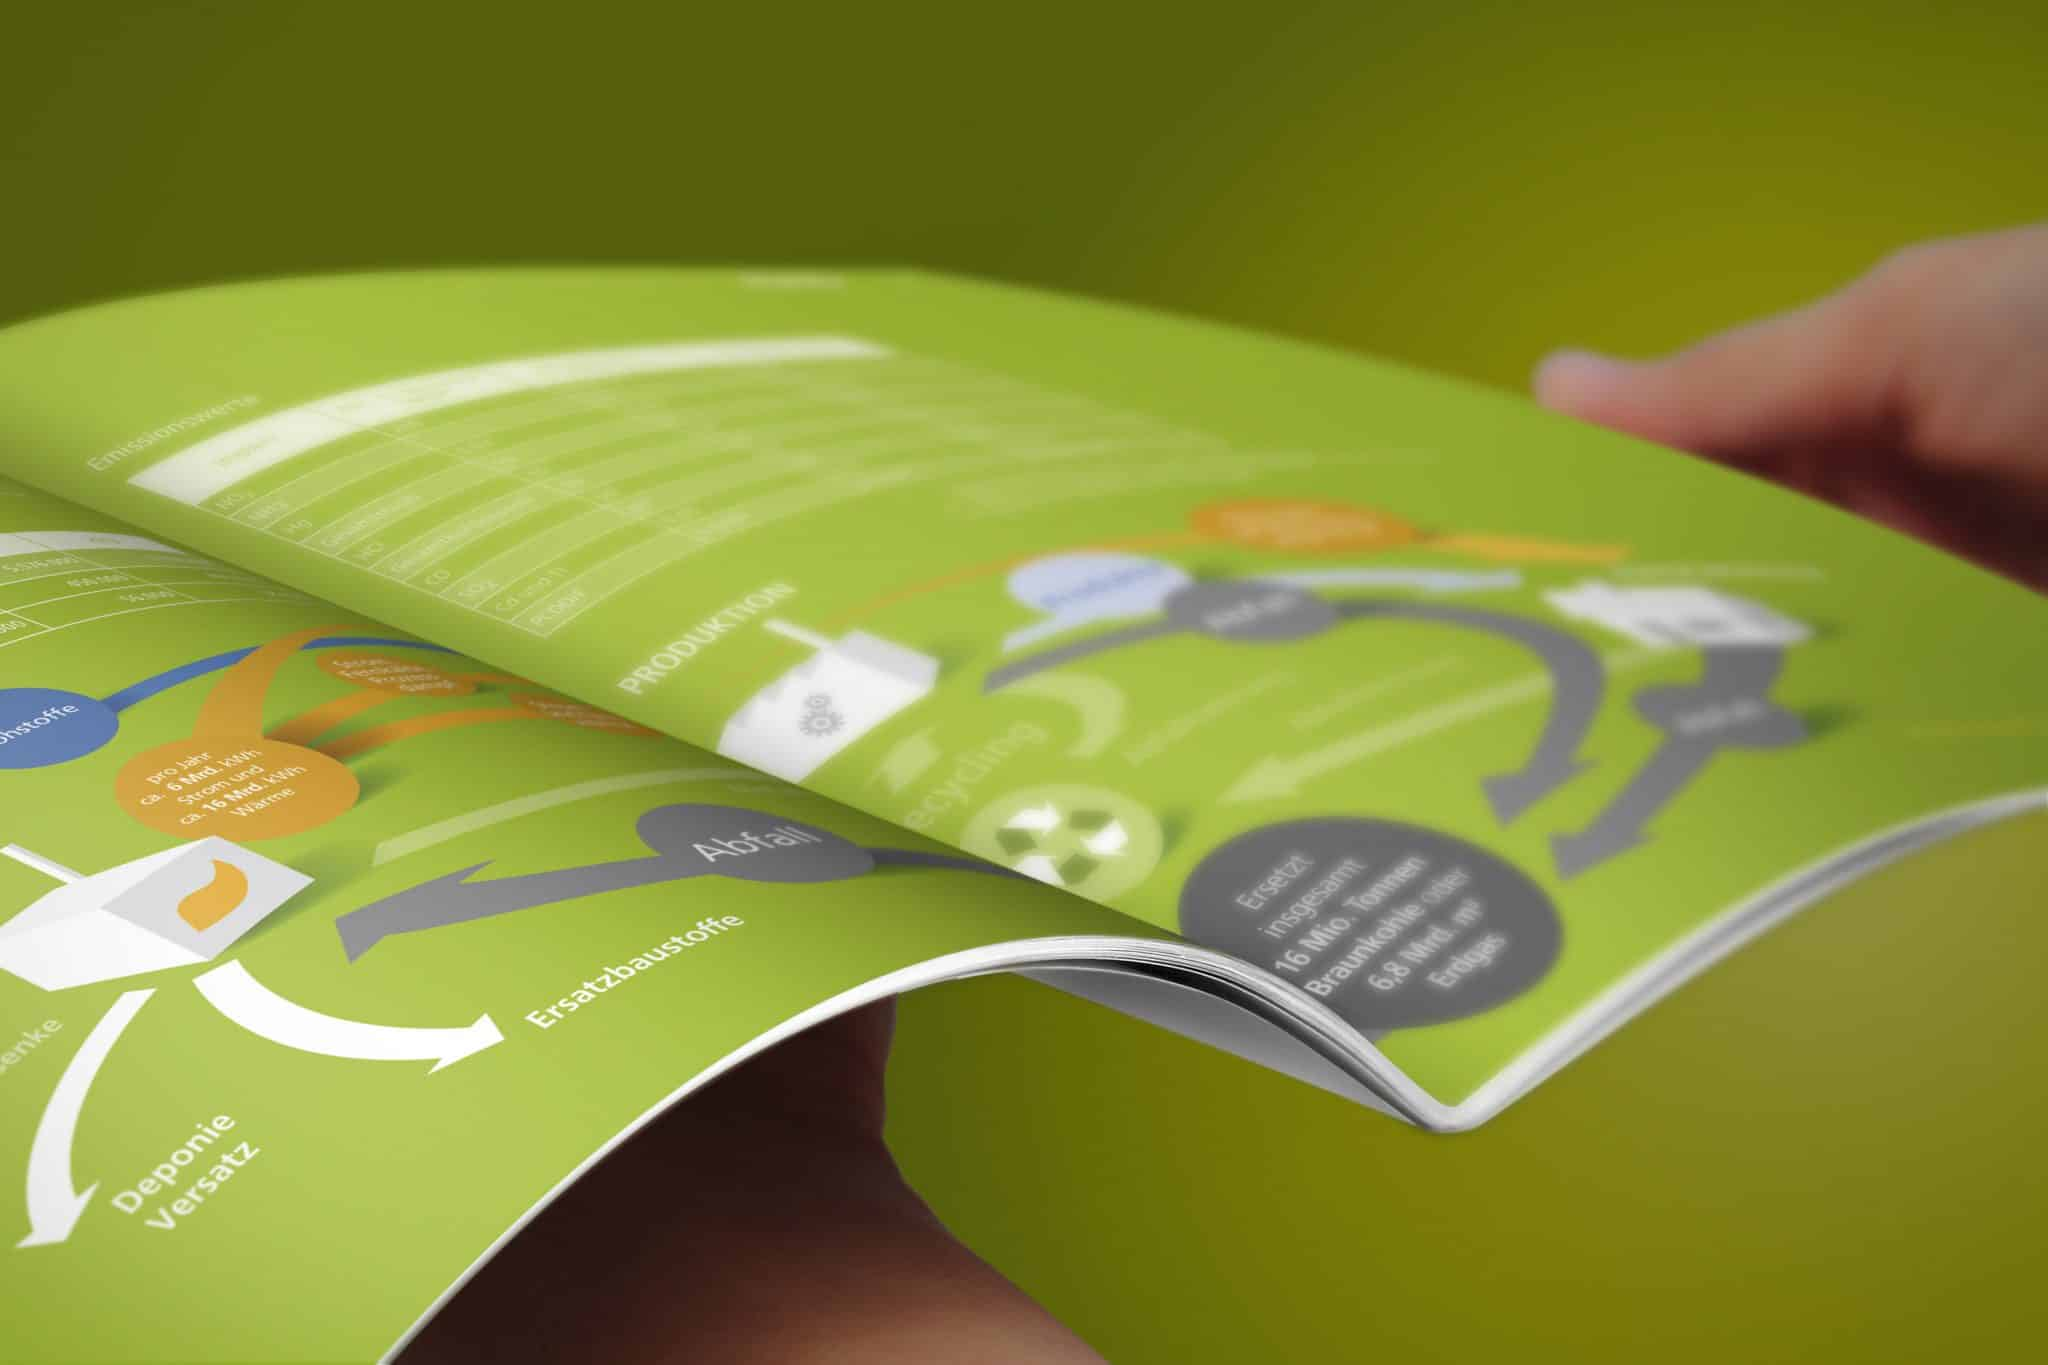 Gestaltung von Geschäftsberichten für die ITAD e.V. Seite 08